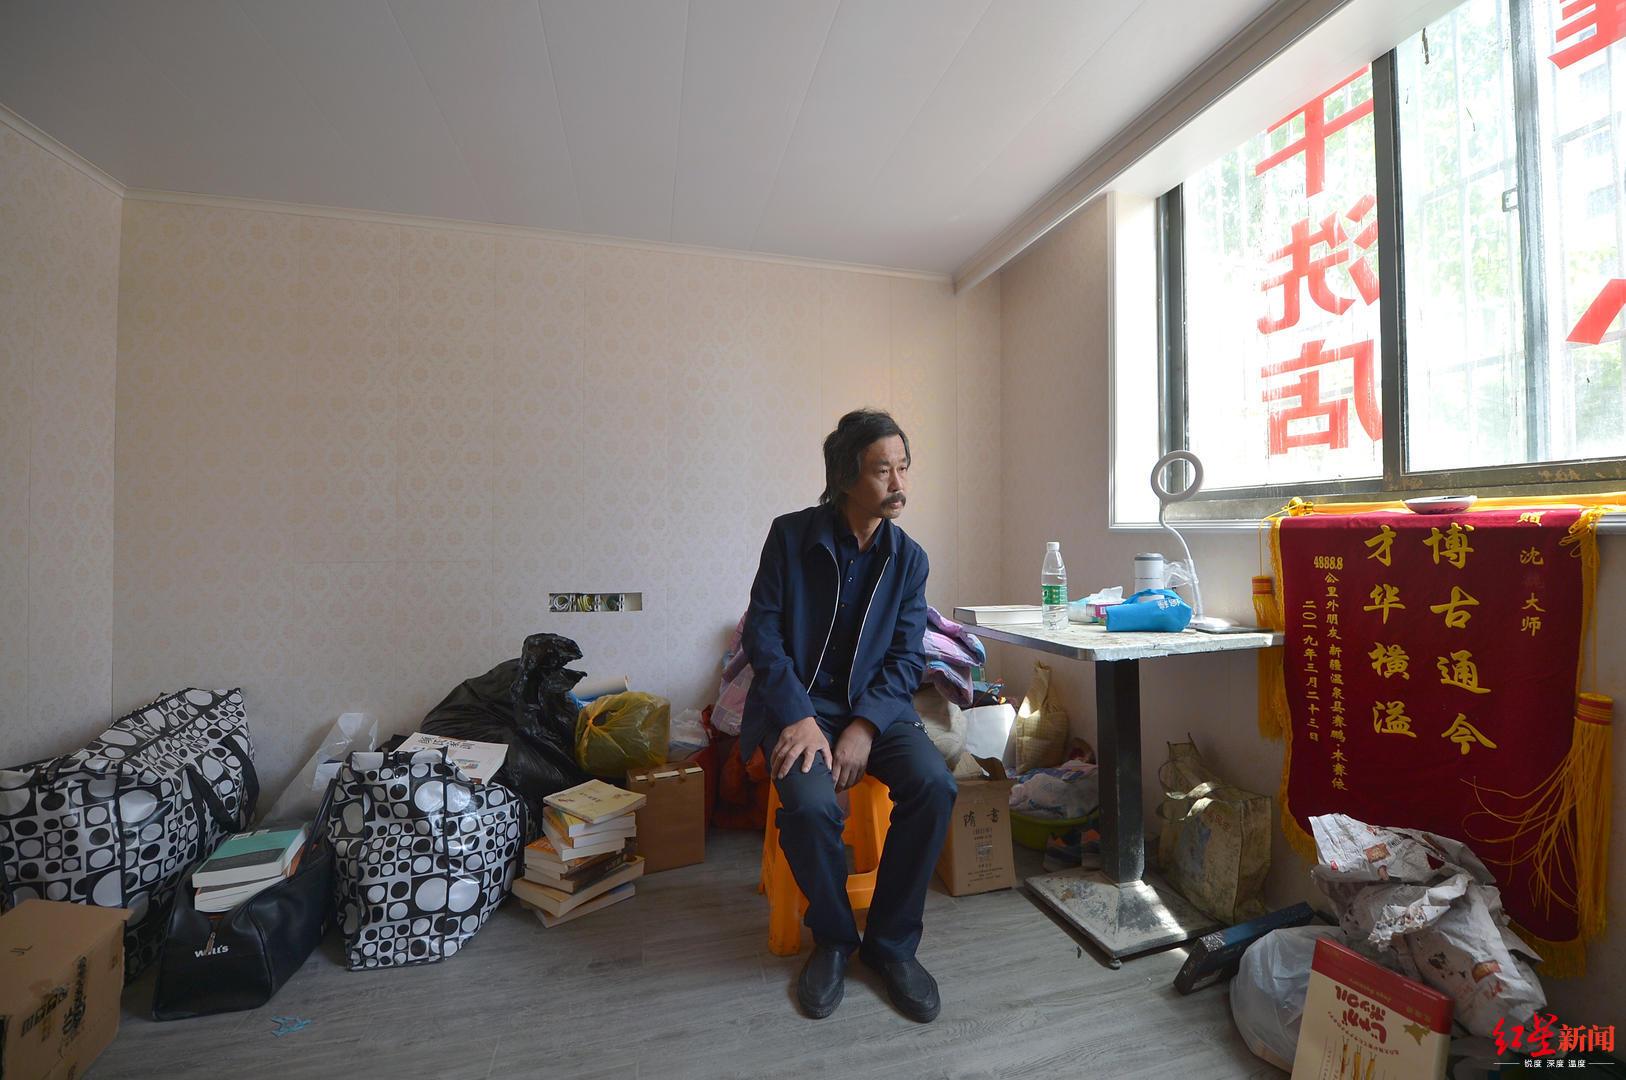 """""""流浪大师""""沈巍自述走红一个月:获打赏二三十万,现天天在想买房子"""